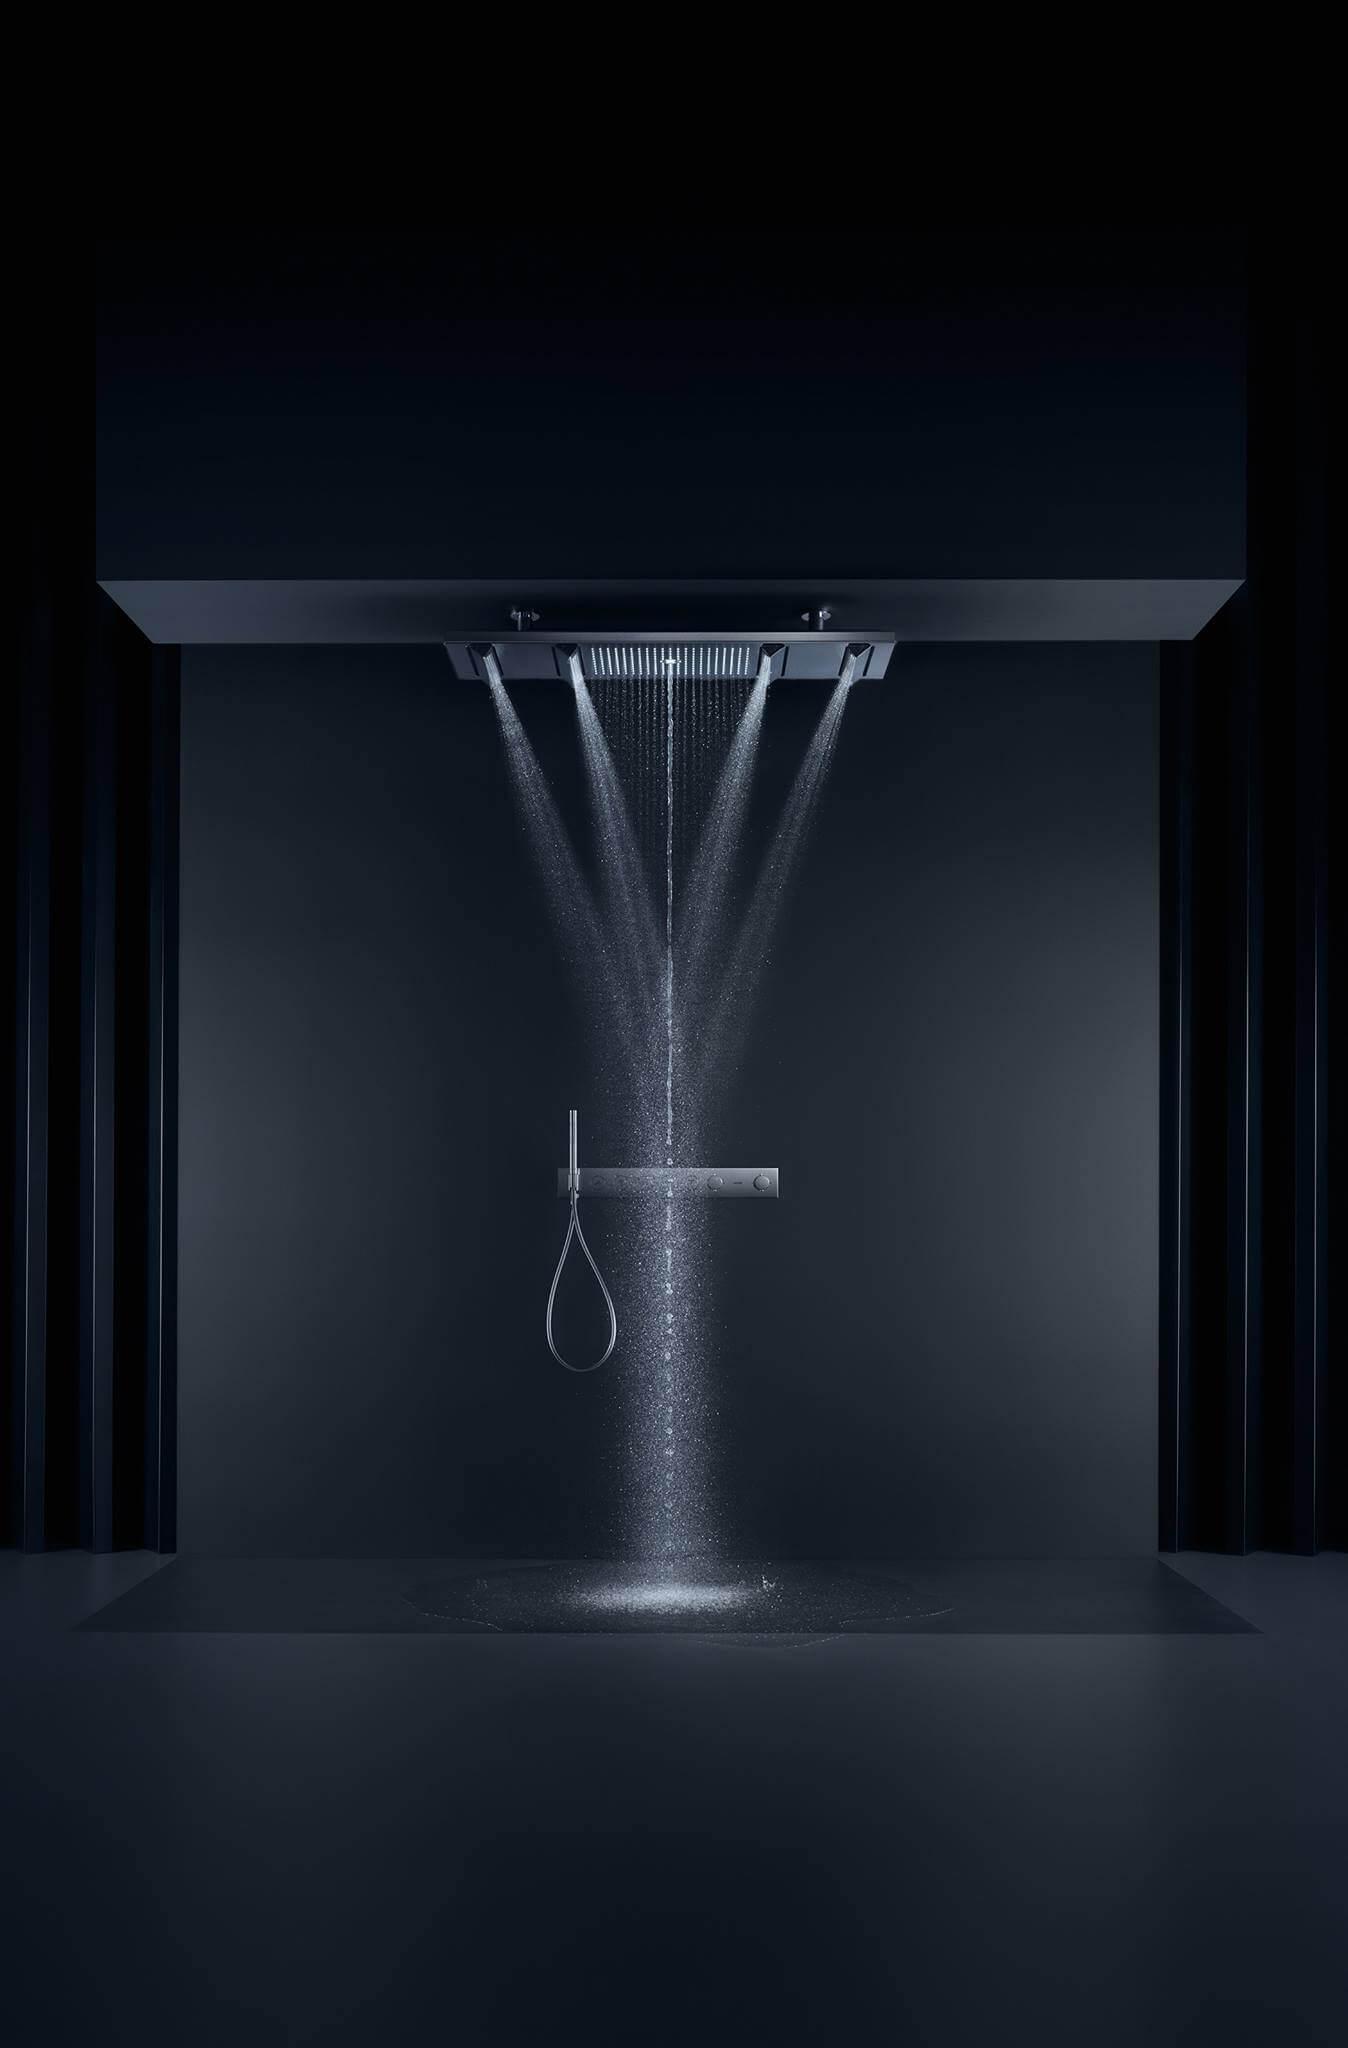 """Regendusche Duschen in einer neuen Dimension und mit maximaler Ausstrahlung: Der AXOR ShowerHeaven besticht durch eine 1,2 Meter lange und 30 Zentimeter breite plane, Fläche aus hochwertig verarbeitetem Metall. Mit vier herausfahrbaren """"Flügeln"""" und einem integrierten Ambiente-Licht ist er nicht nur eine große Bühne für das Wasser, sondern auch ein neuer Archetyp in der Dusche. Vier Strahlarten sorgen für ein luxuriöses Duscherlebnis: der konzentrierte Mono-Strahl in der Mitte, der großflächige Rain-Strahl und die Body-Strahlen mit dem einzigartigen PowderRain. Vom entspannenden Massagestrahl über einen wohltuenden Brauseregen, bis hin zu einem sanften Nieselregen, der AXOR ShowerHeaven 1200 ermöglicht das Duschen mit allen Brausen und Strahlarten einzeln oder im Zusammenspiel – eine gewaltige Inszenierung."""